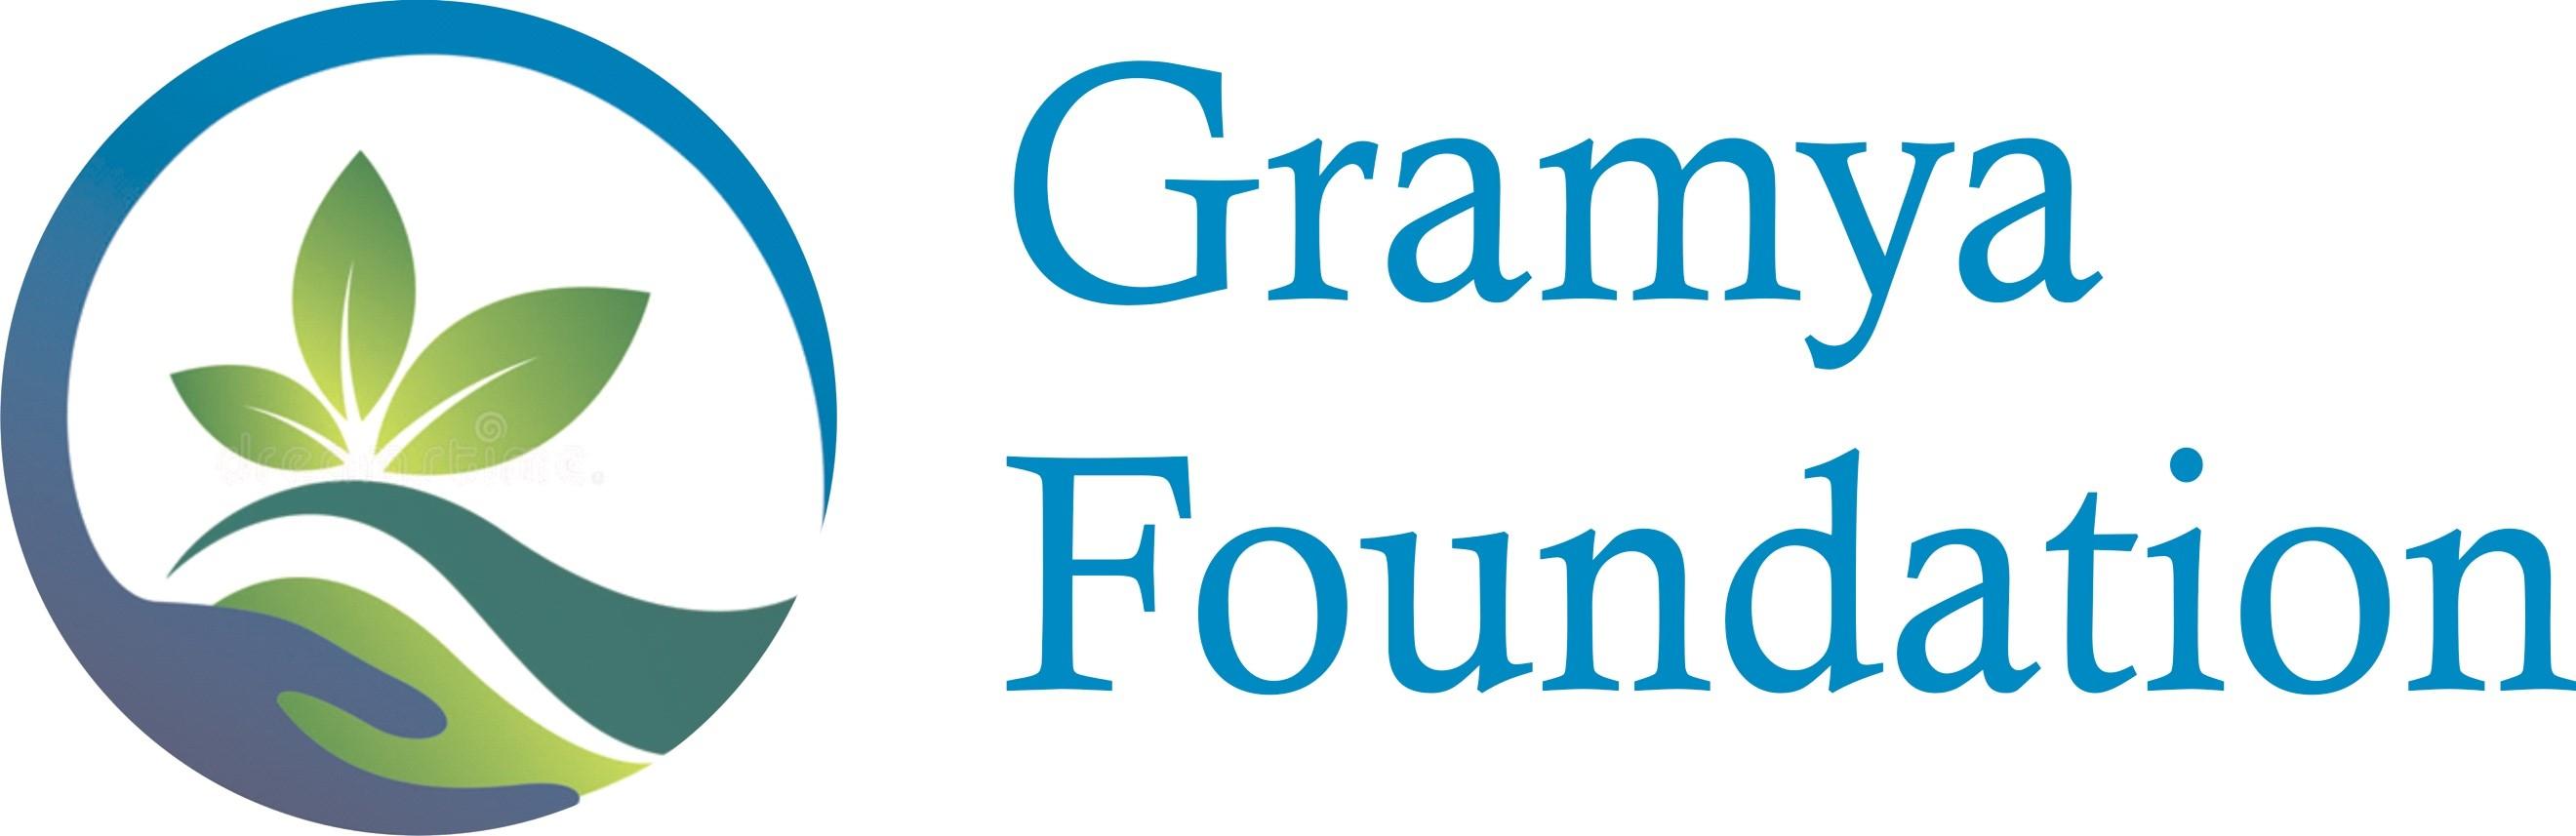 gramya